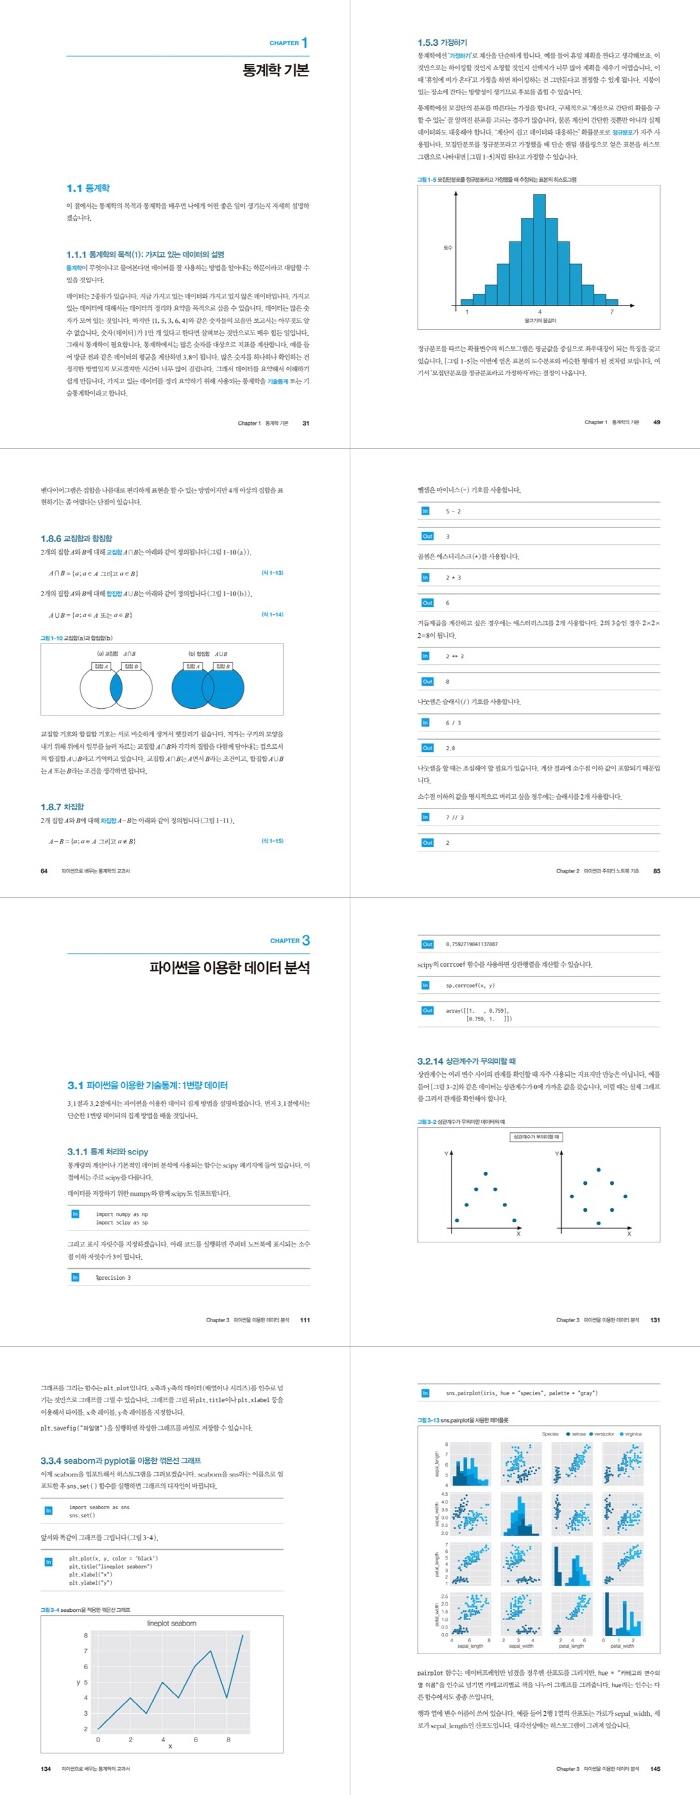 파이썬으로 배우는 통계학 교과서_상세이미지_700.jpg